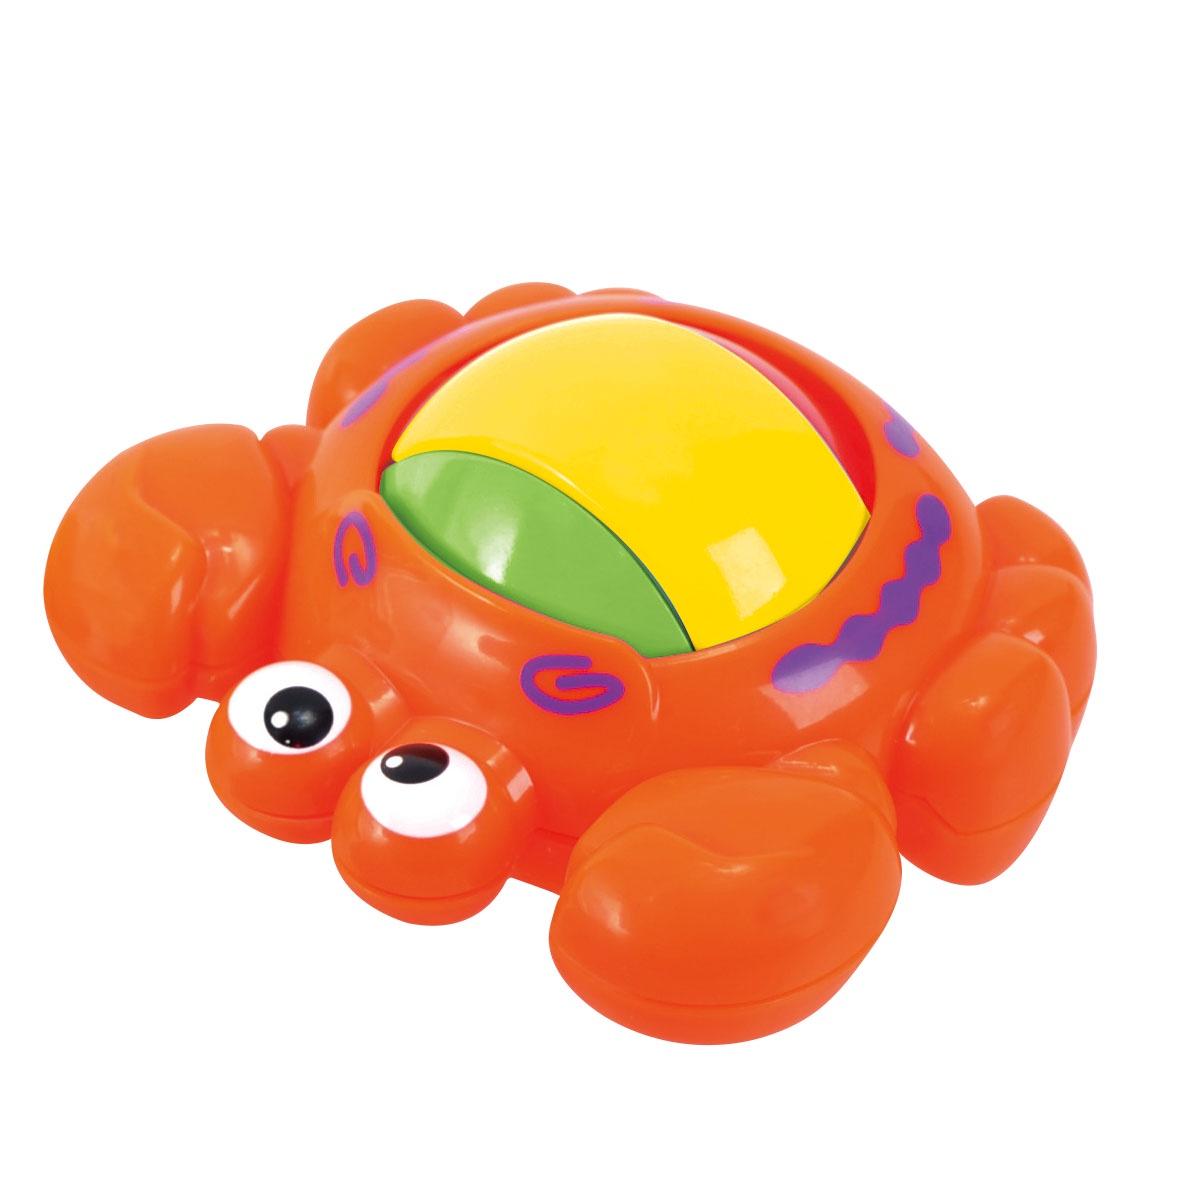 Развивающая игрушка Play 2866 развивающая игрушка play smart забавный краб разноцветный